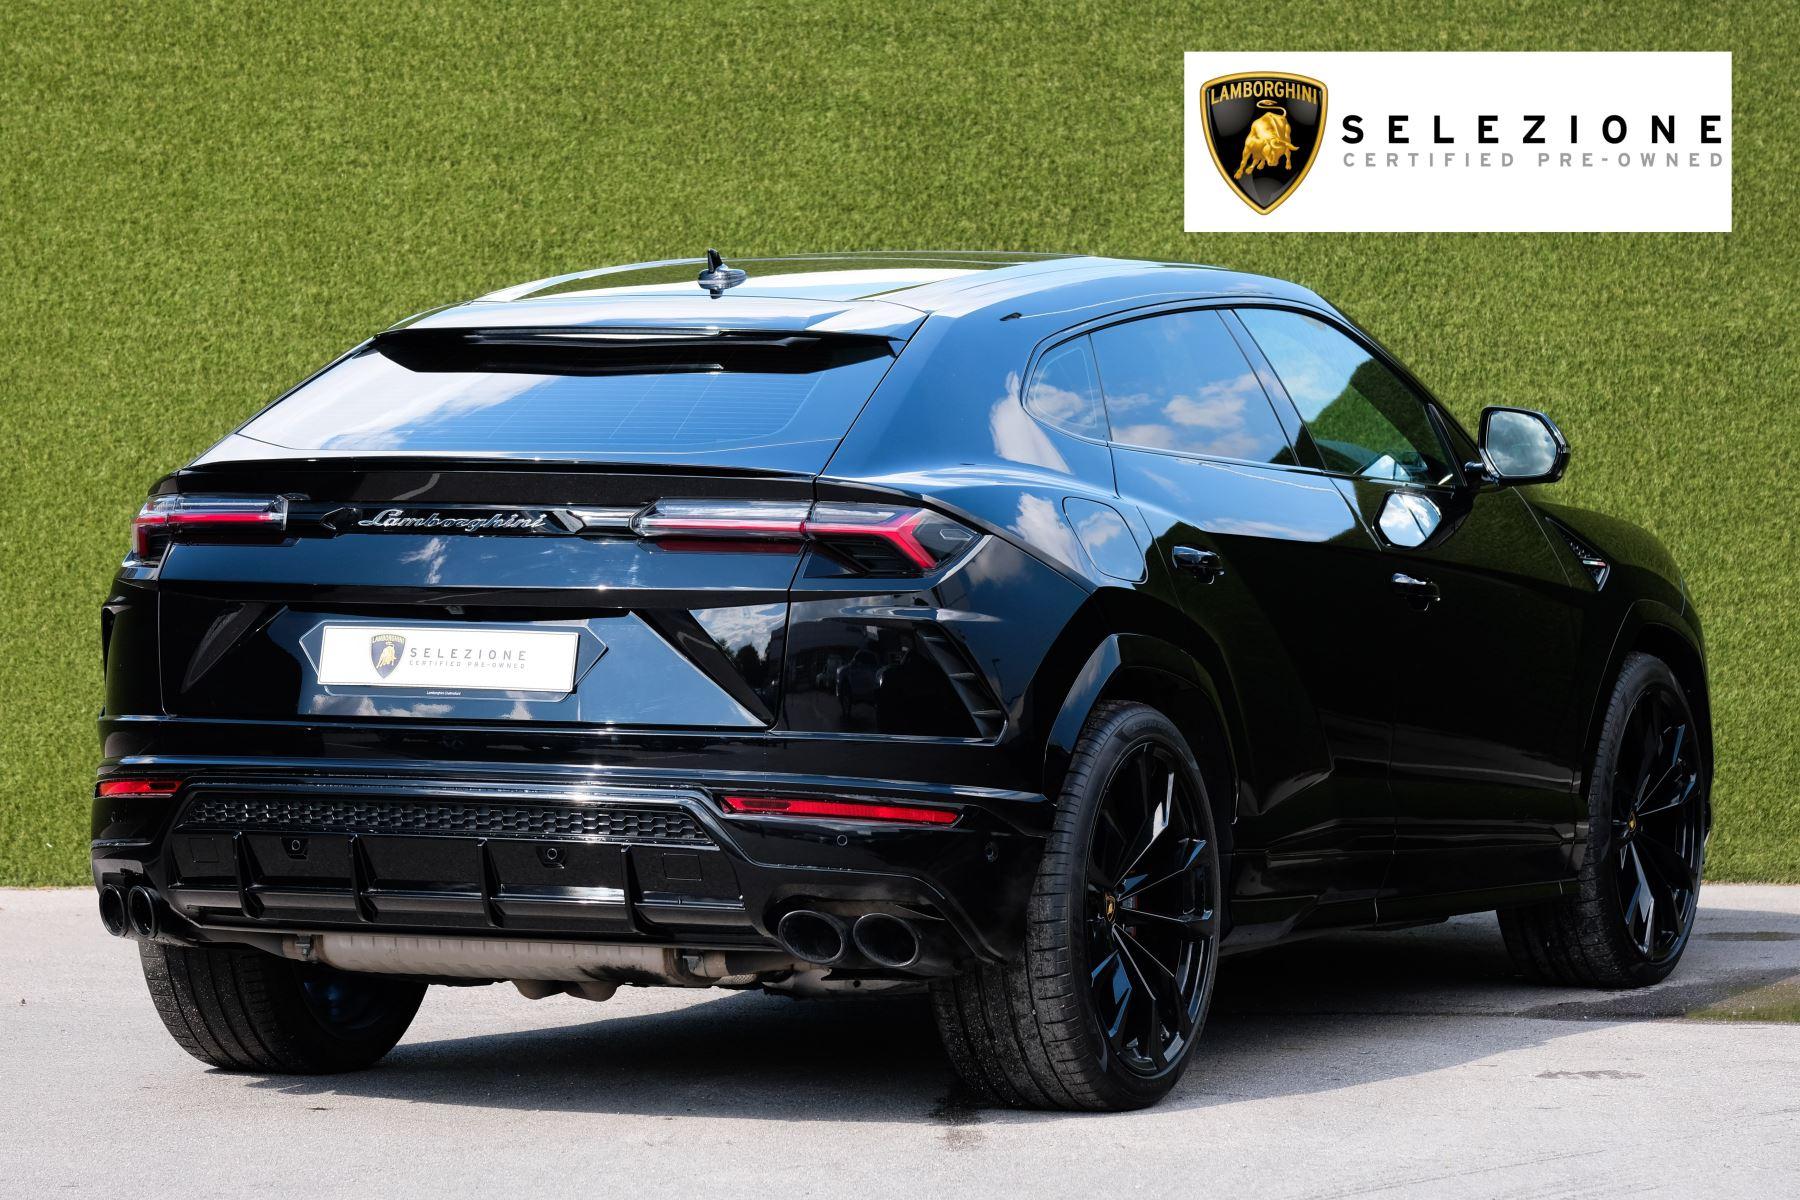 Lamborghini Urus 4.0T FSI V8 AUTO- 4 SEAT CONFIGURATION - NIGHT VISION - 23 INCH ALLOYS image 3